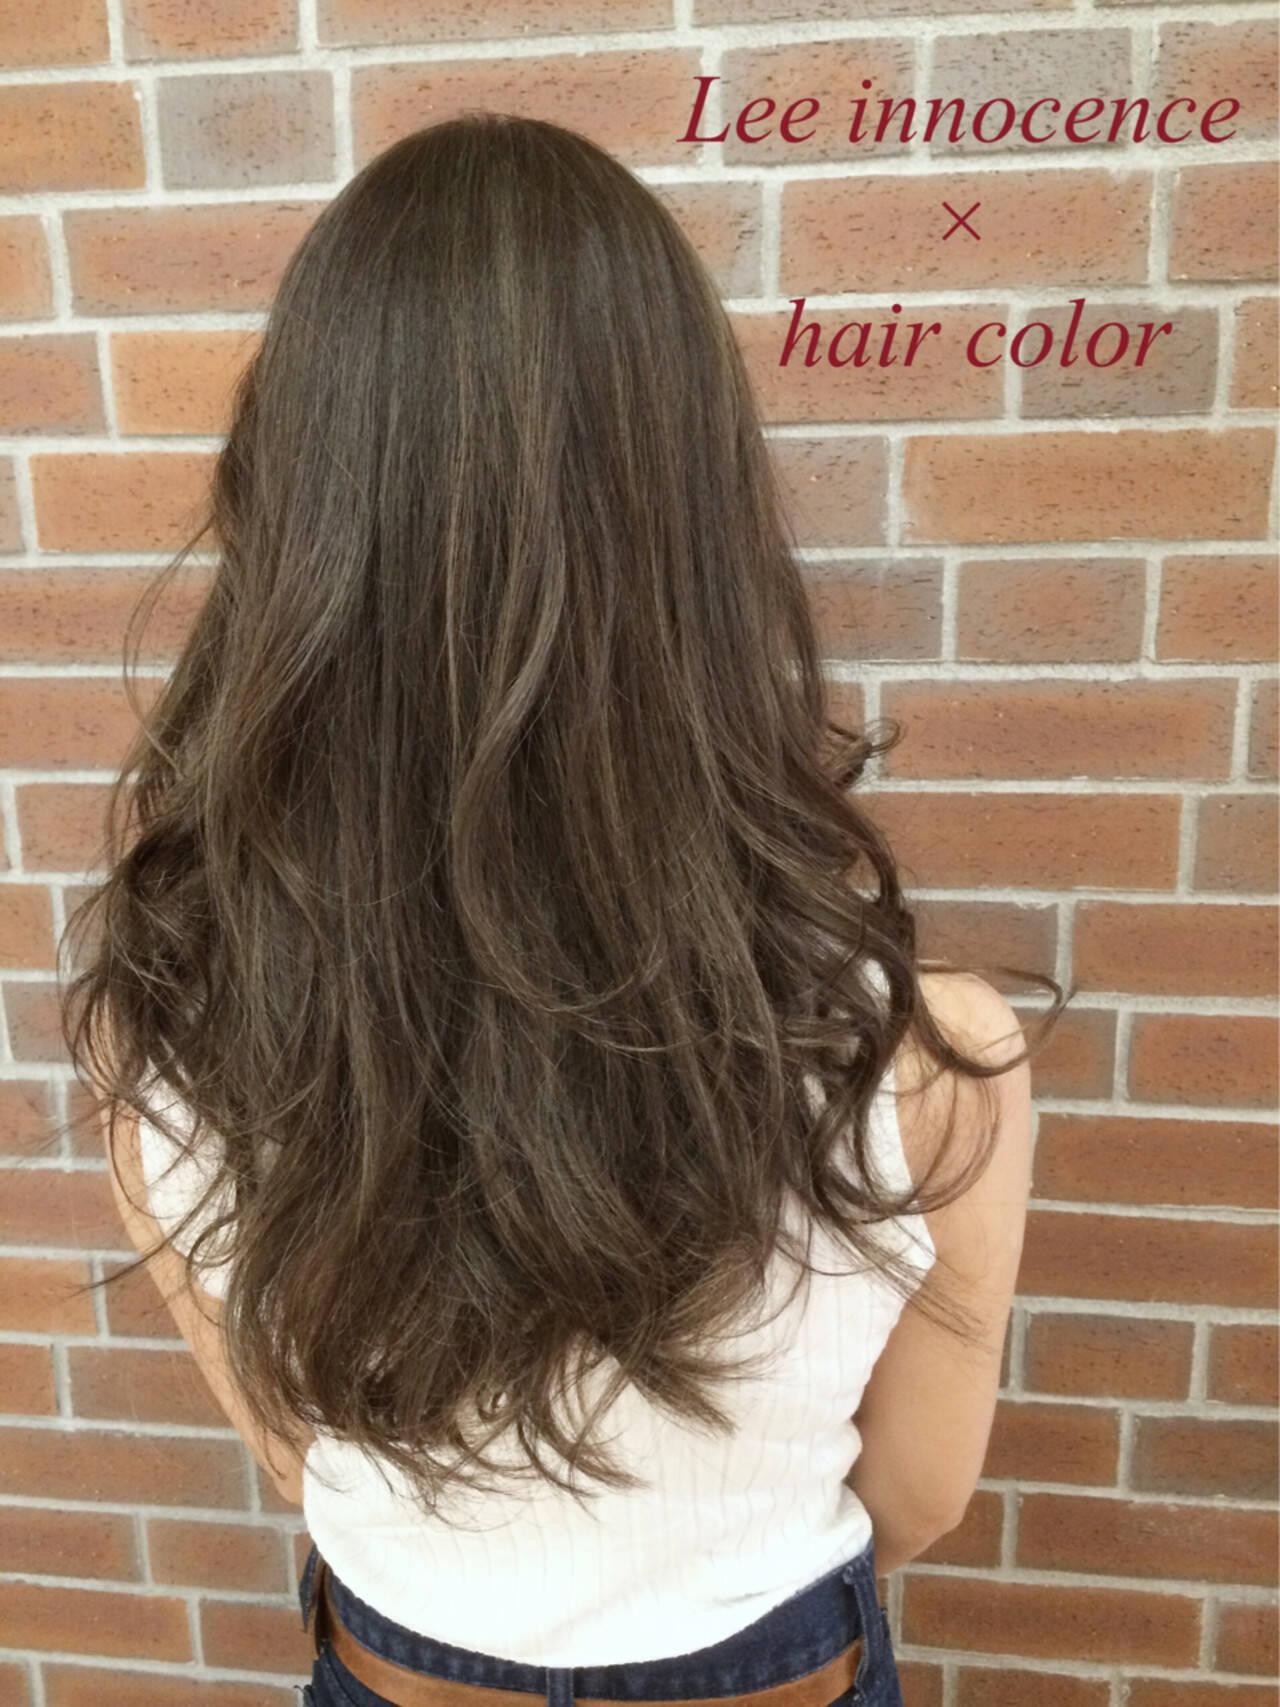 アッシュ 外国人風 グラデーションカラー ハイライトヘアスタイルや髪型の写真・画像